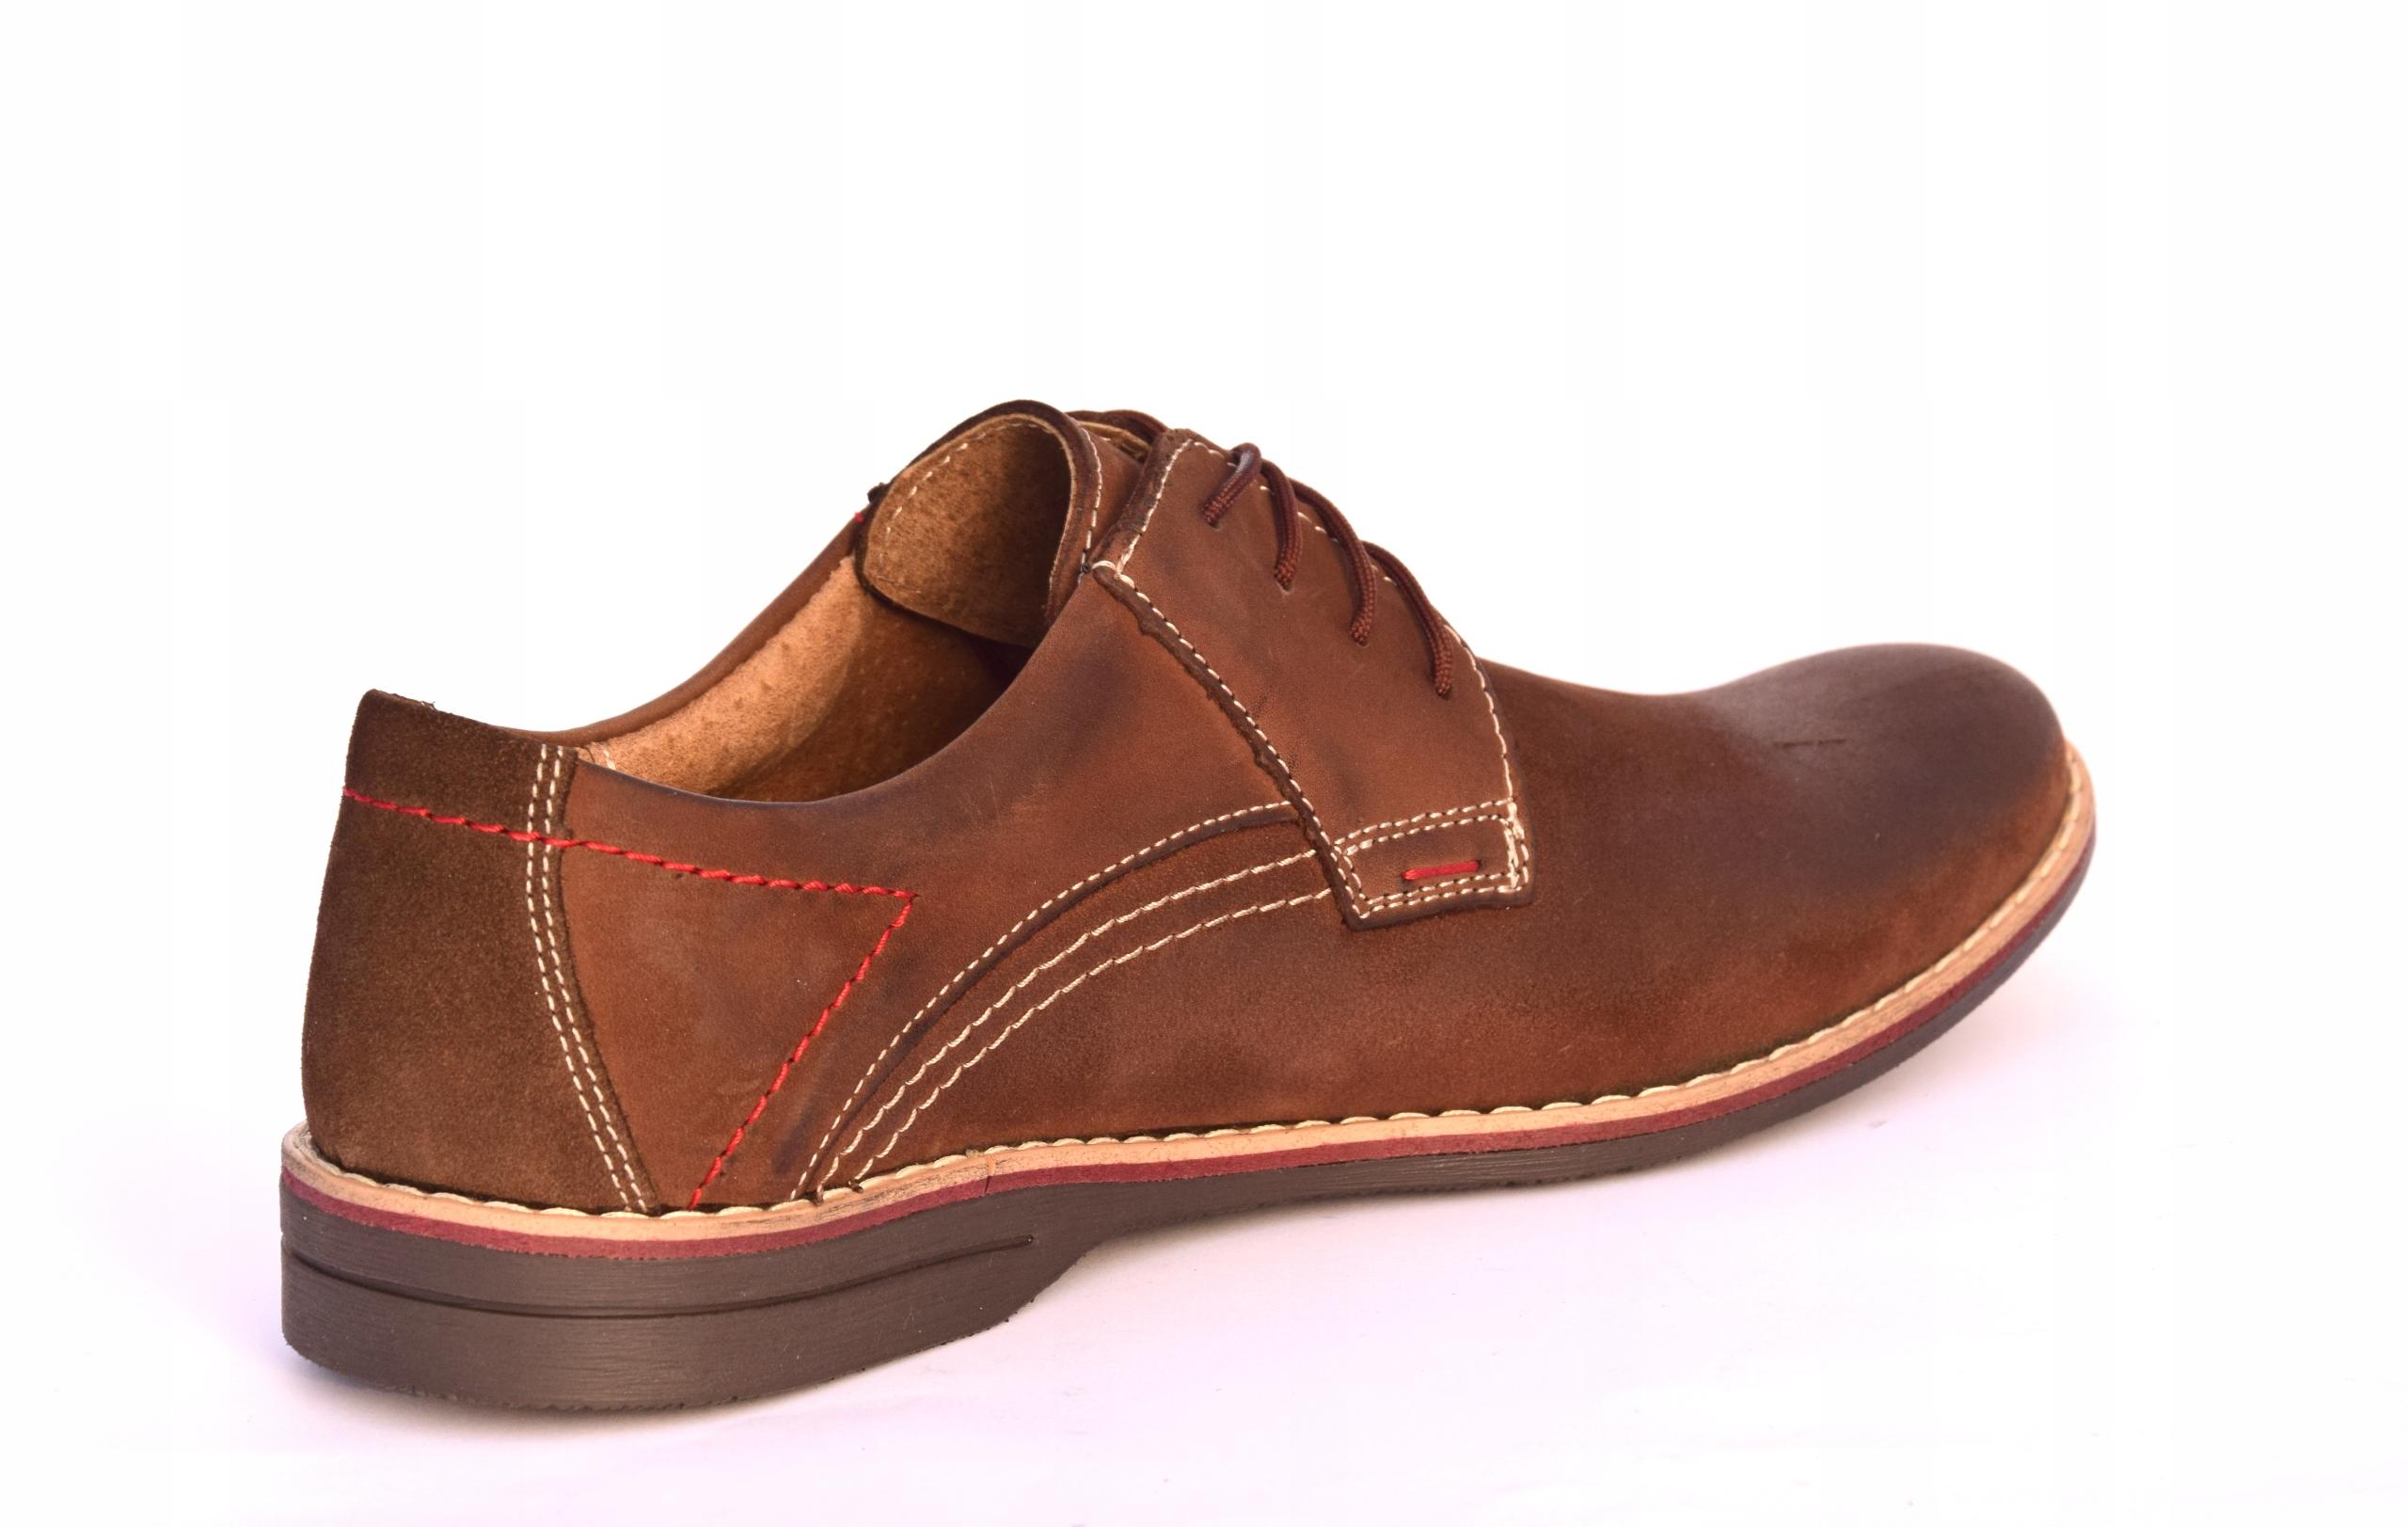 Buty męskie brązowe obuwie skórzane polskie 242 Kolor brązowy